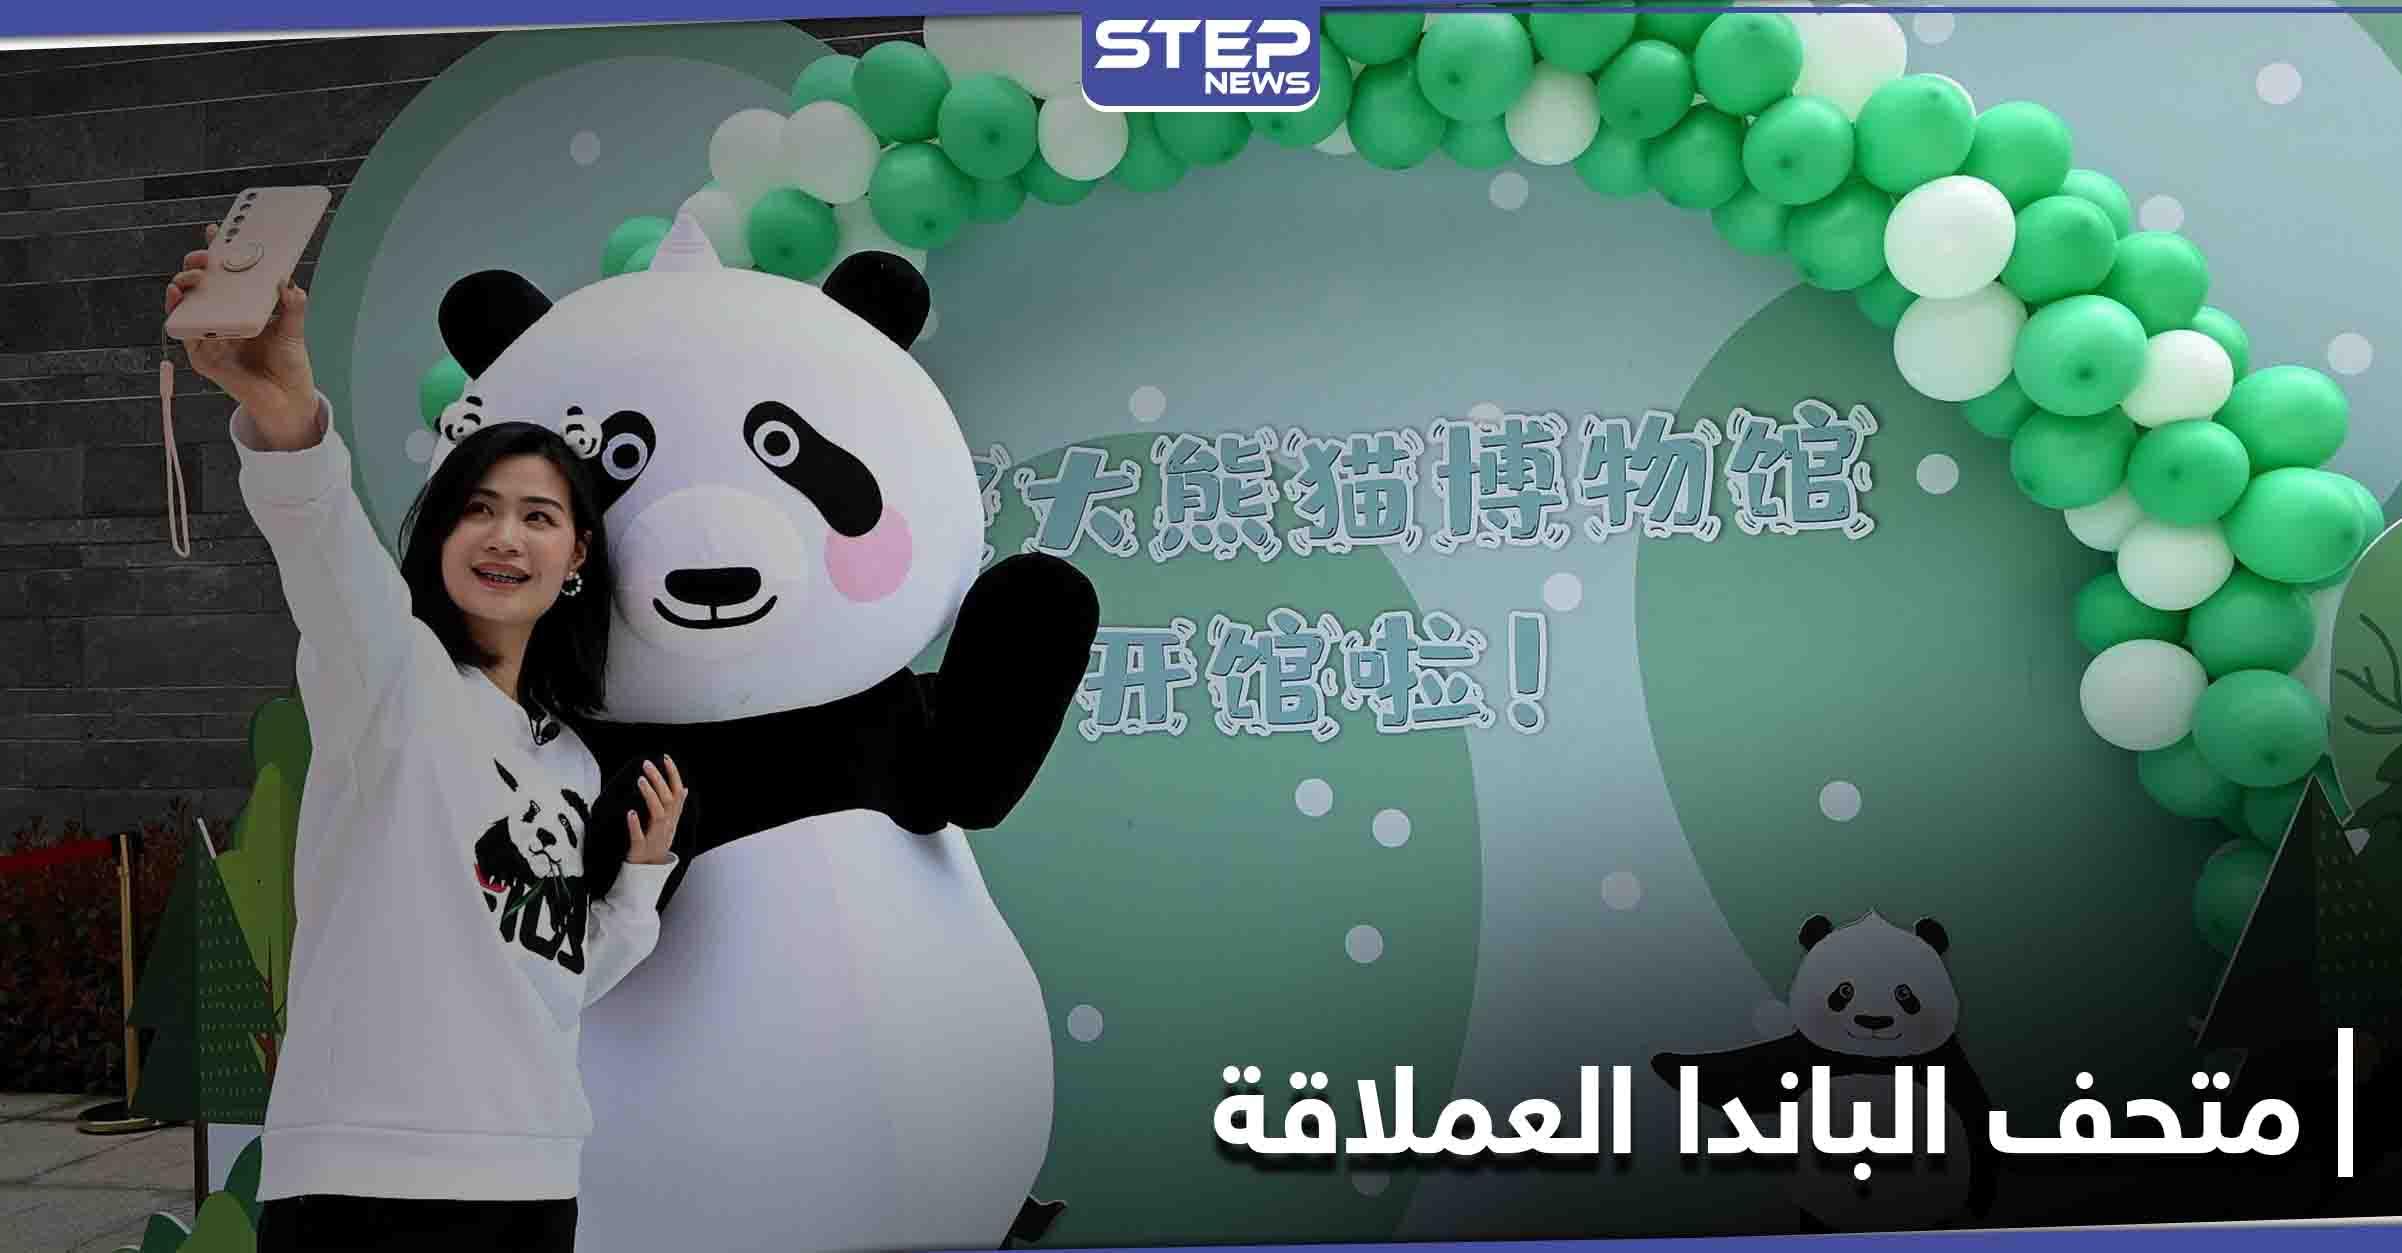 الأول من نوعه في العالم.. متحف تفاعلي لـ الباندا العملاقة في الصين